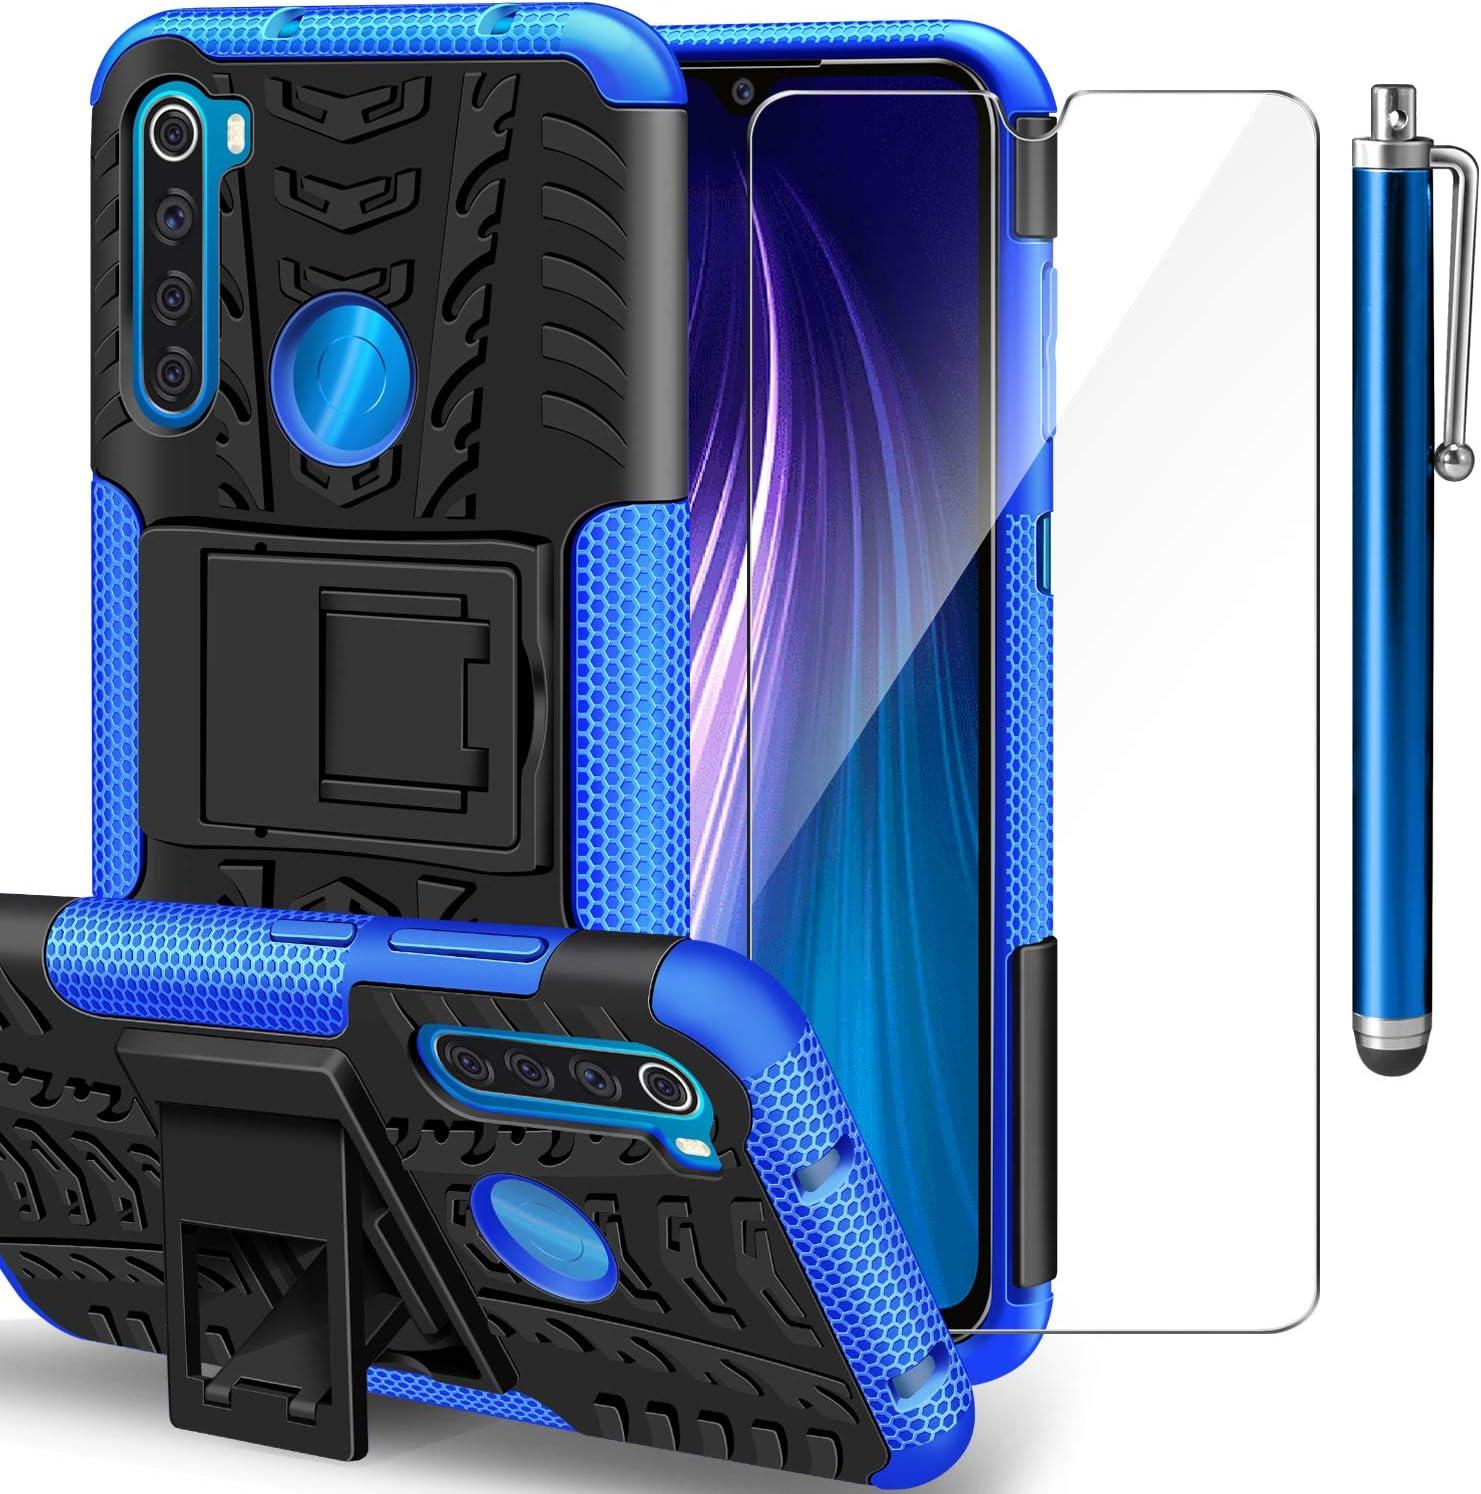 AROYI Funda Xiaomi Redmi Note 8 + Protector de Pantalla, Redmi Note 8 2 en 1 Duro PC Funda y Soft TPU Cáscara de Cubierta Protectora de Doble Funda Caso para Xiaomi Redmi Note 8 Azul